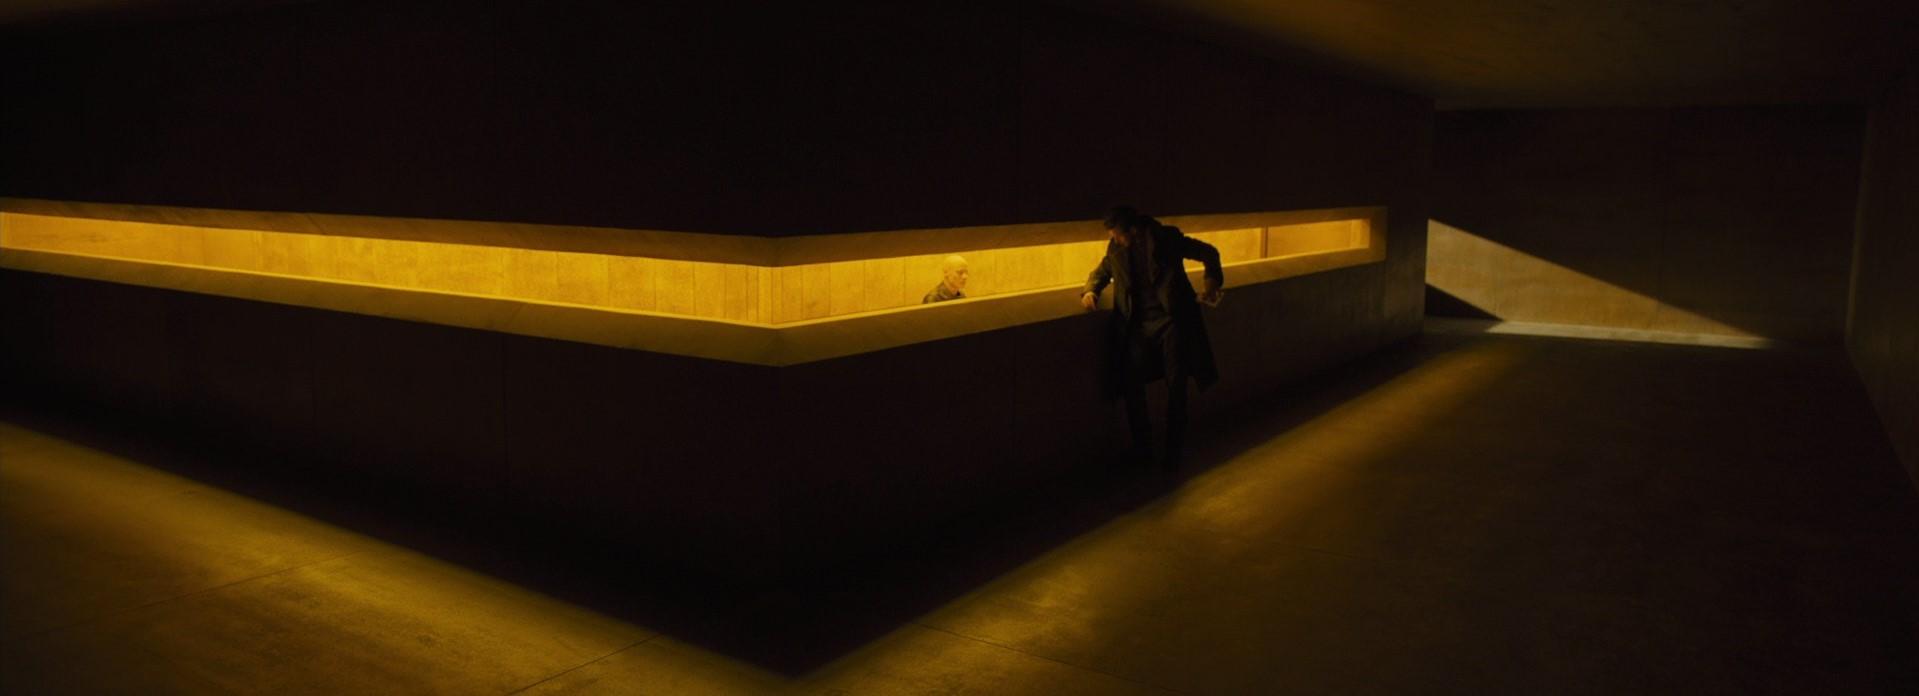 70. Blade Runner 2049 -